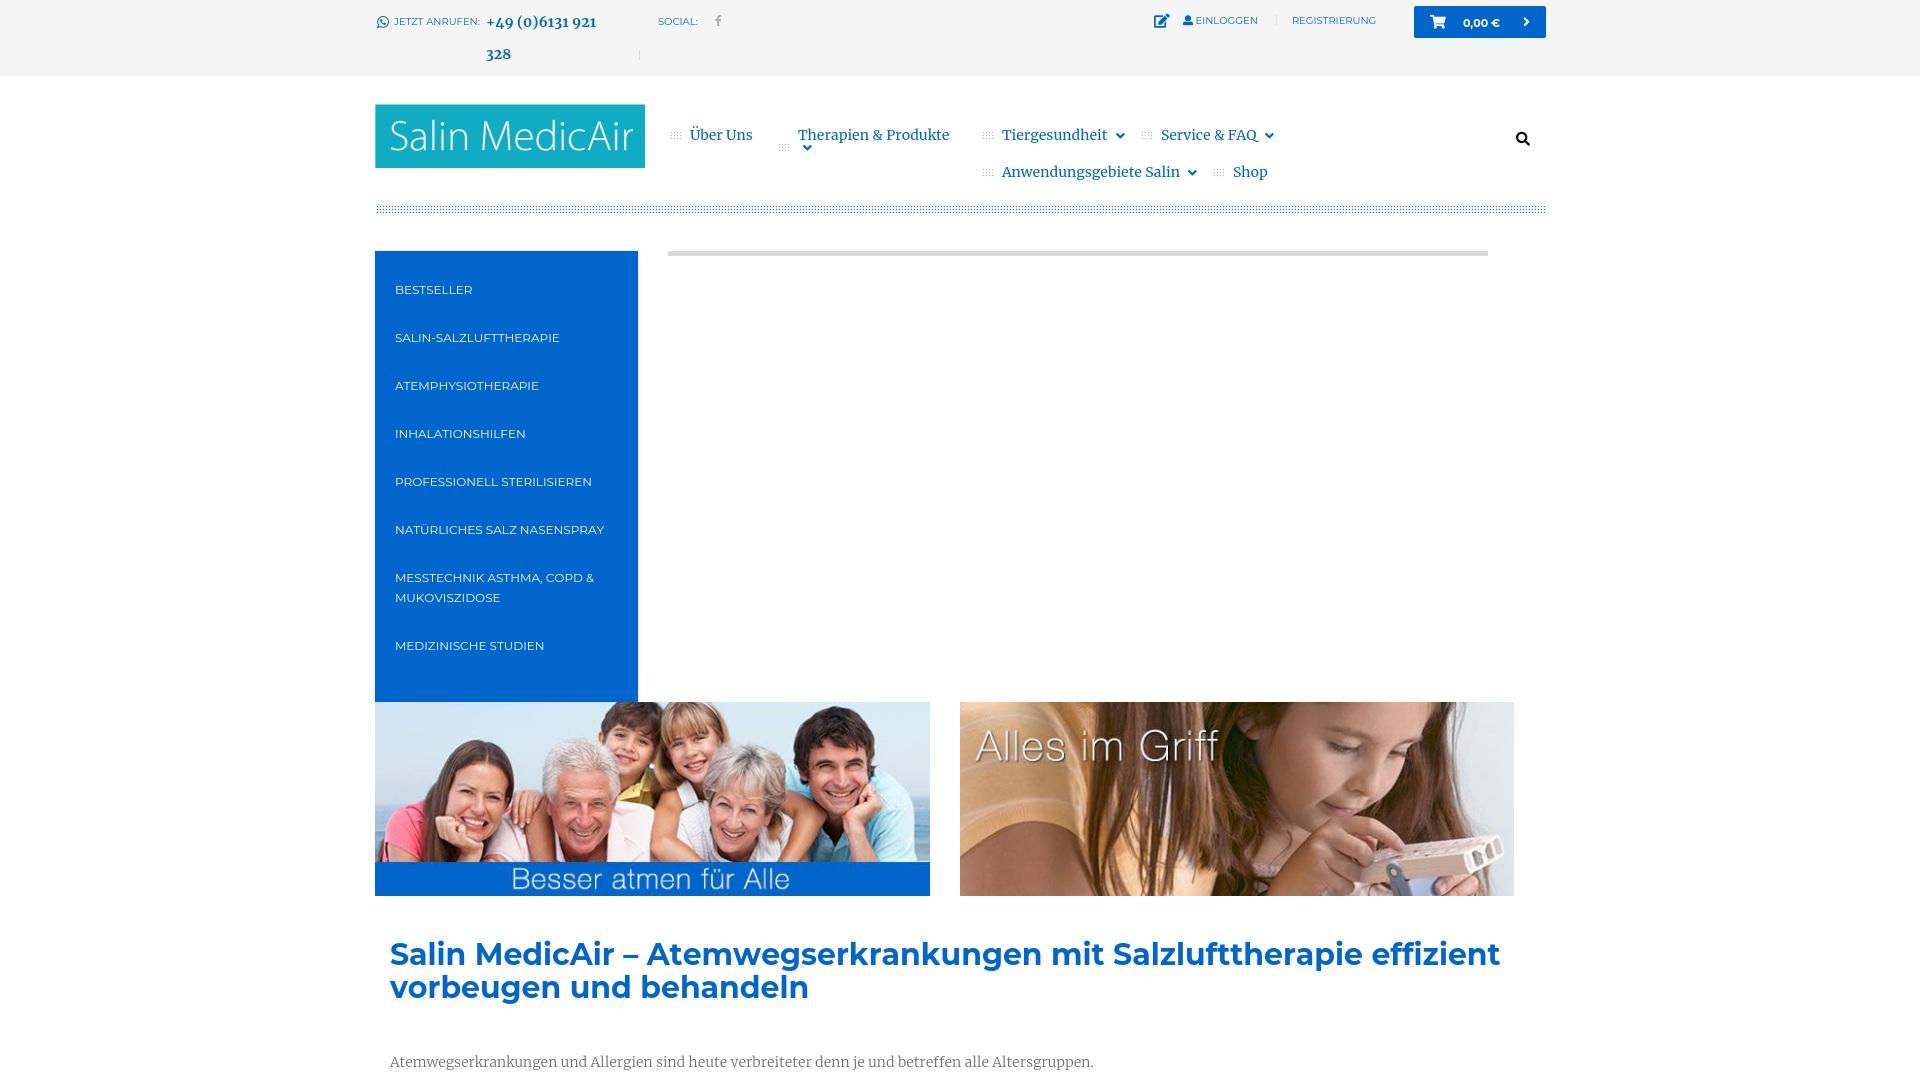 Gutschein für Salin-medicair: Rabatte für  Salin-medicair sichern